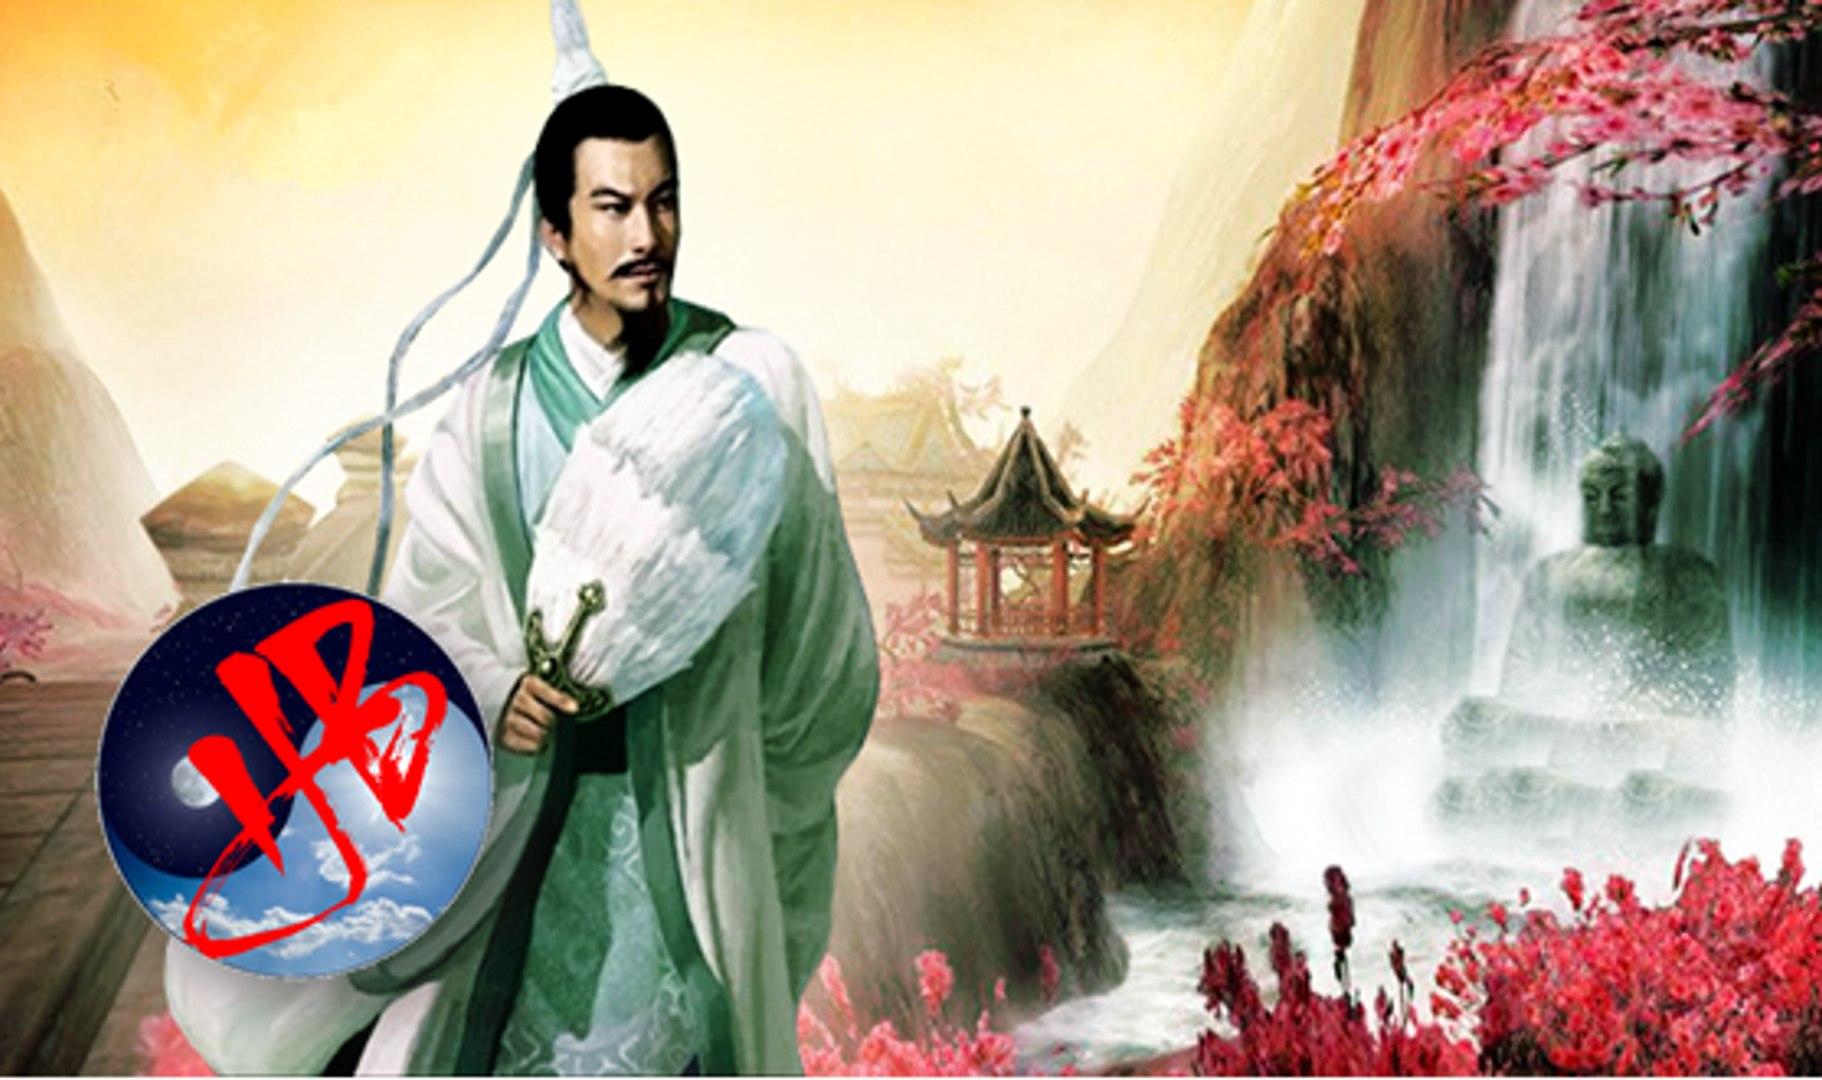 Gia Cát Lượng chuyển sinh vào thời Đường làm đại tướng, hoàn thành sự nghiệp dang dở nghìn thu